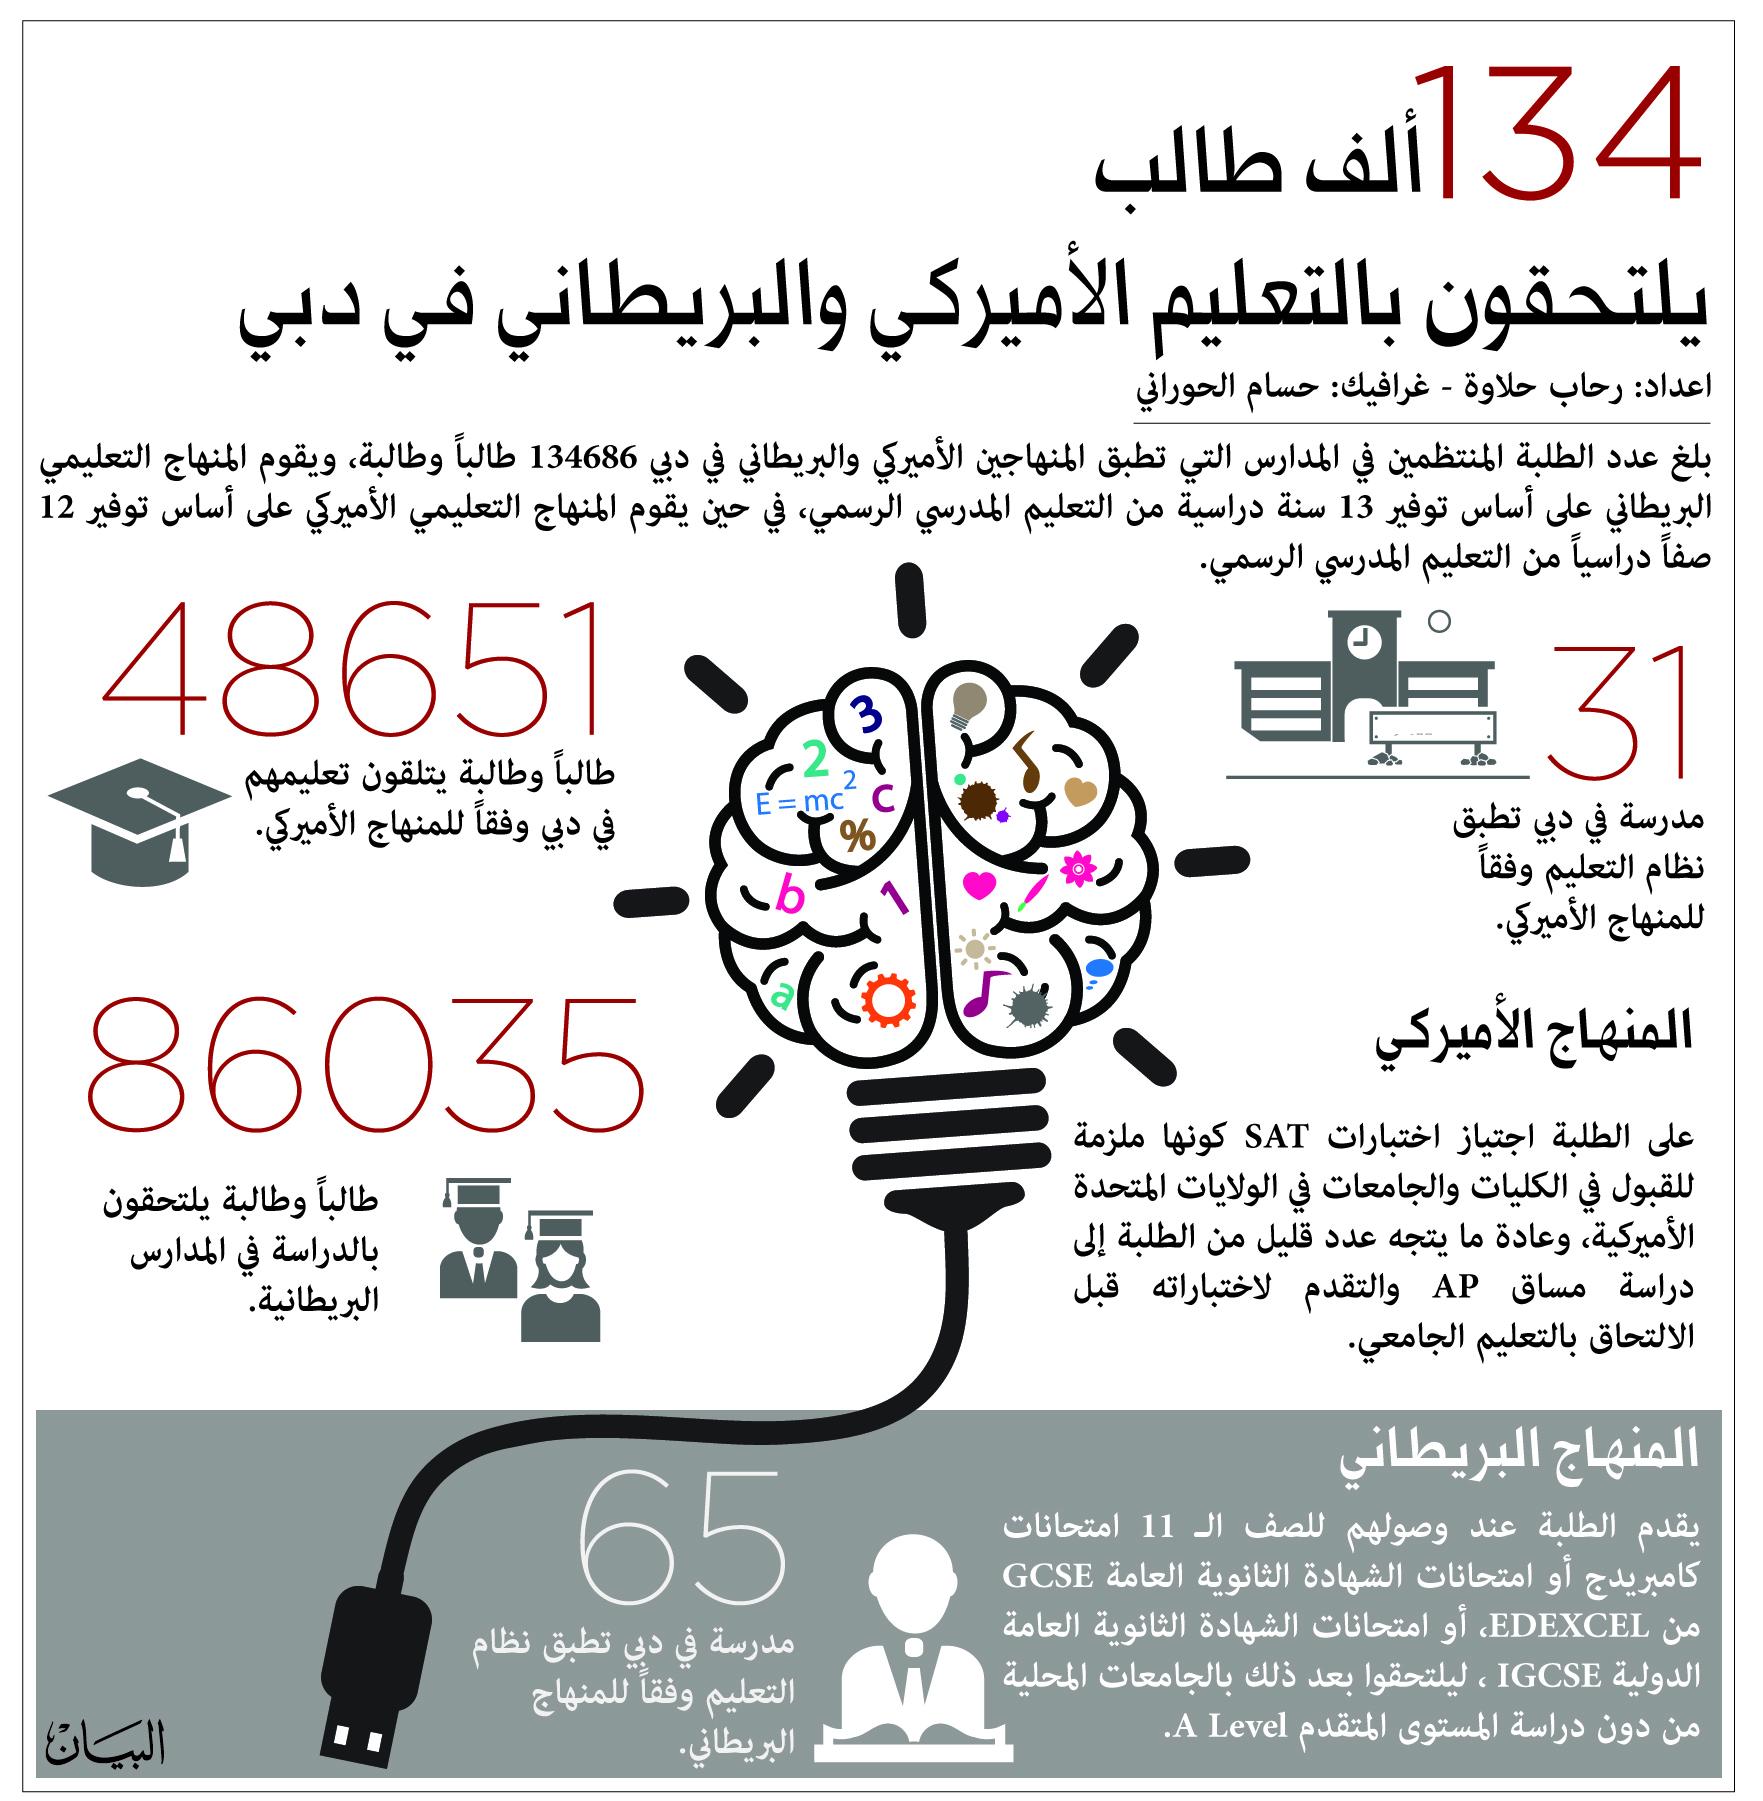 التحويل بين المناهج ضياع أو كسب صف دراسي عبر الإمارات تعليم البيان